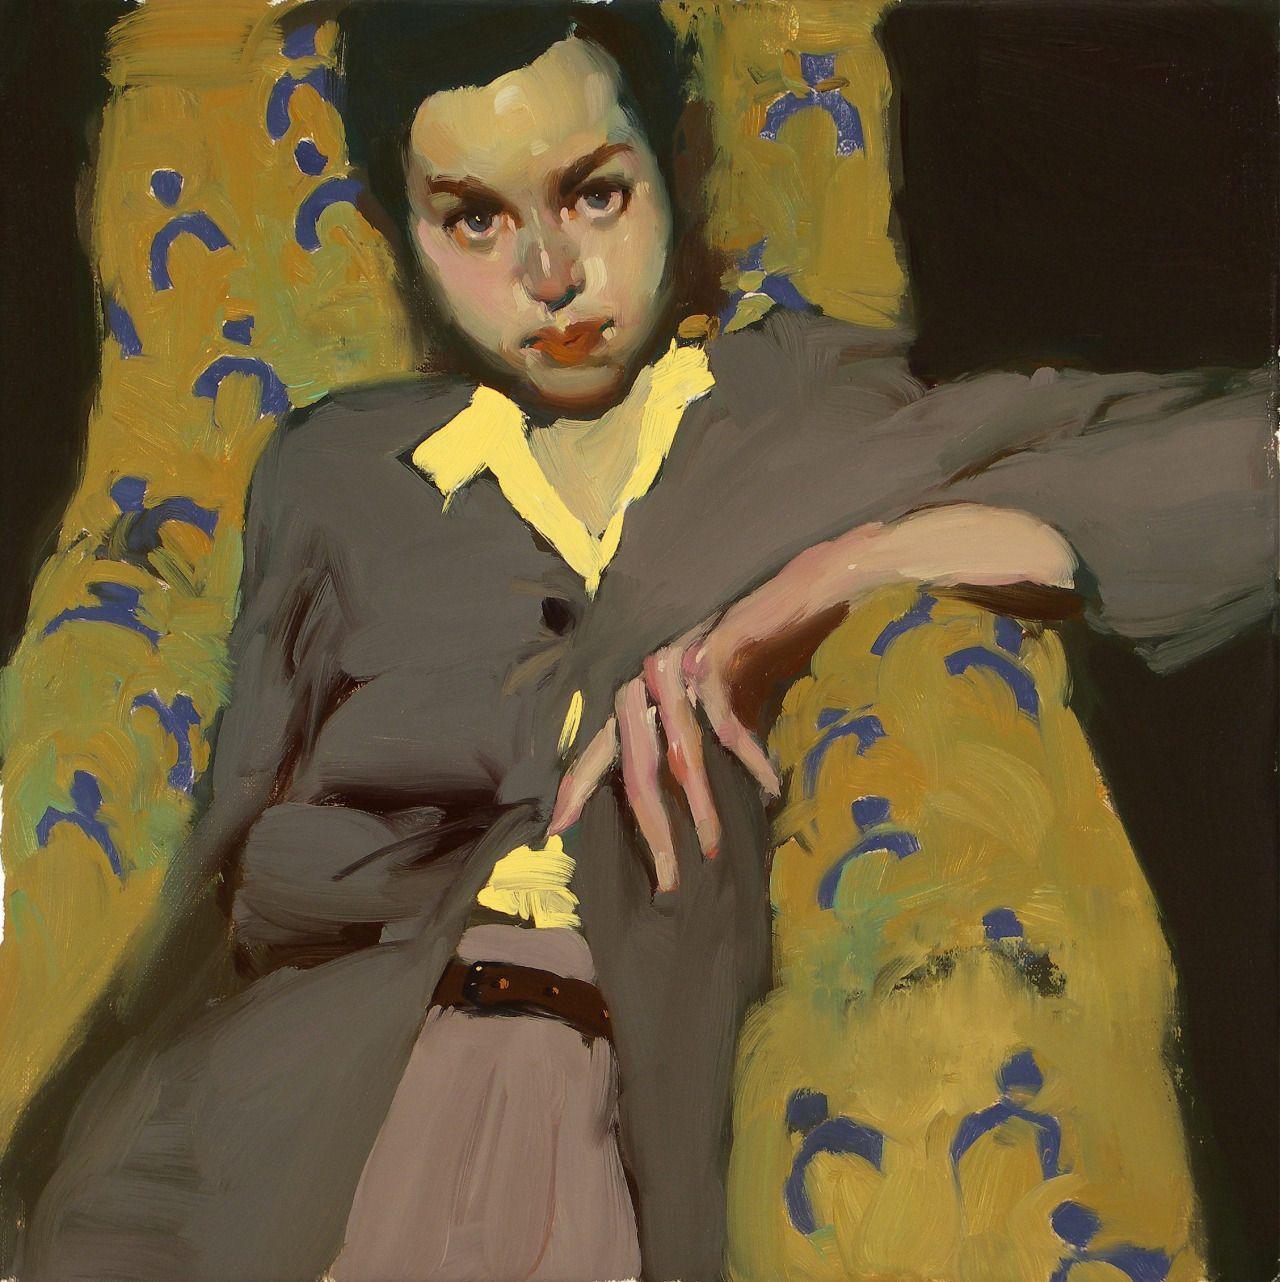 Corcoiselikesthese Milt Kobayashi Portrait Painting Funny Art